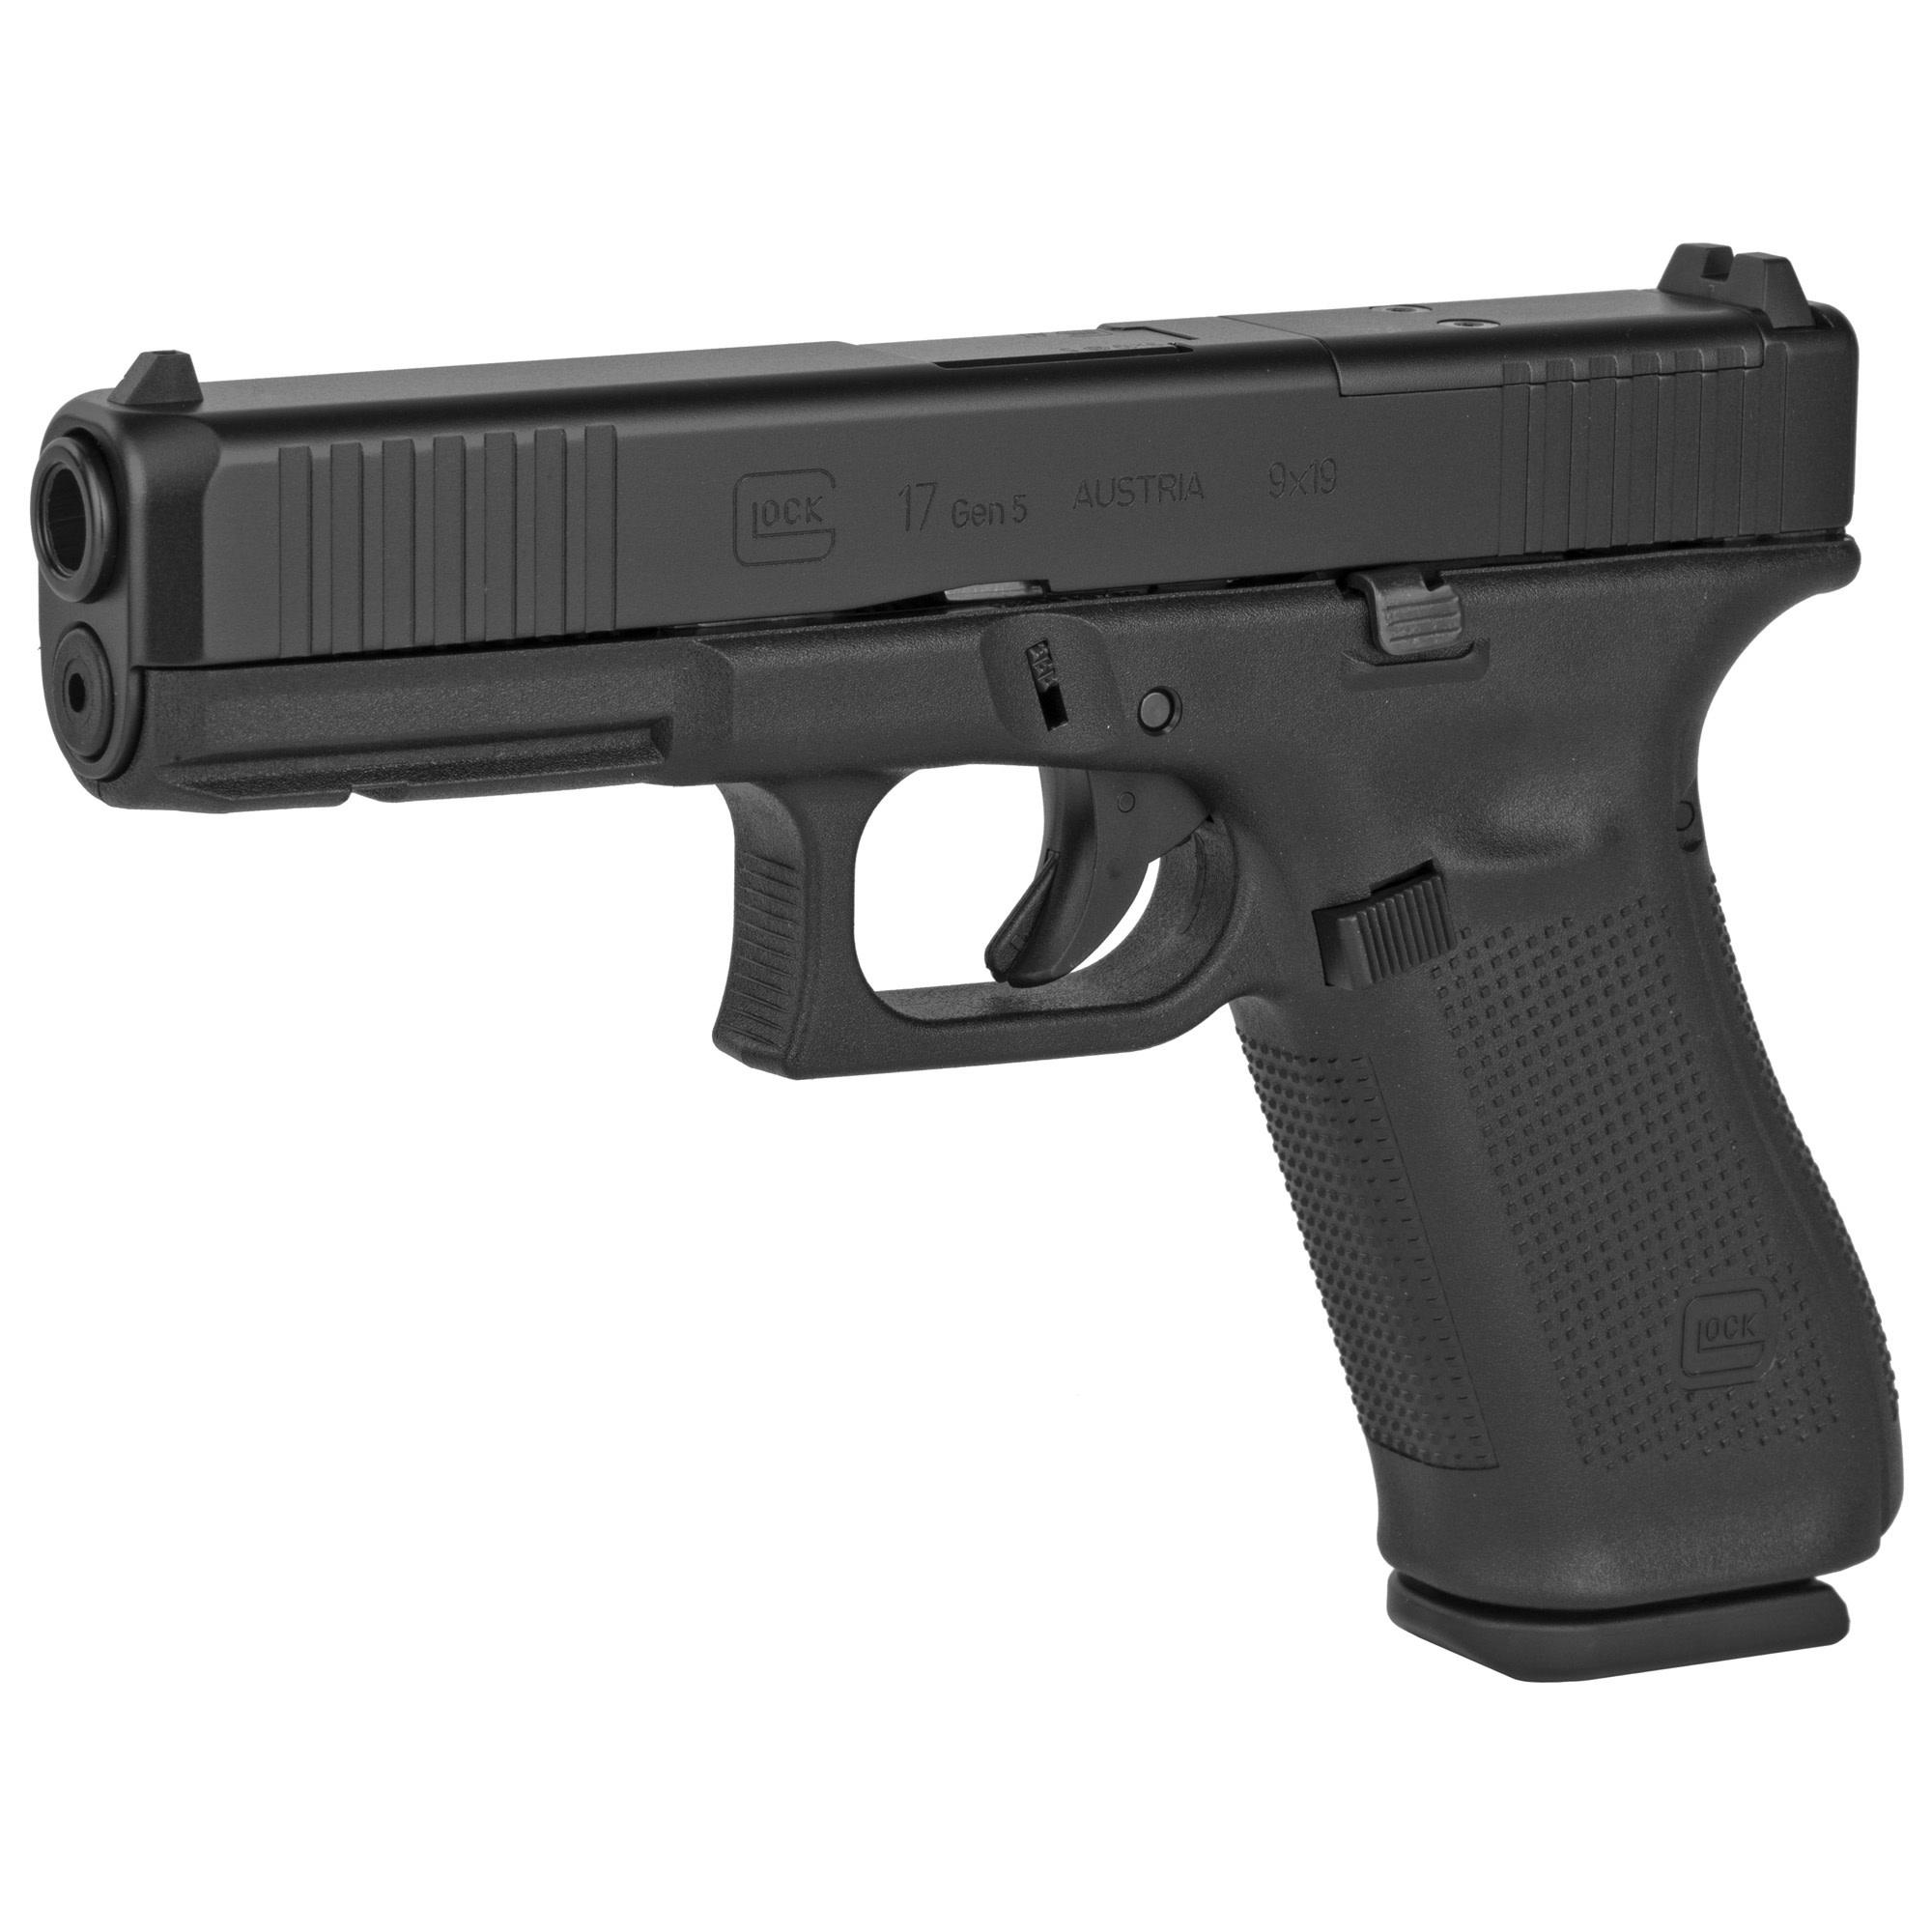 Glock 17 Gen 5 MOS, 9mm, 17 rd